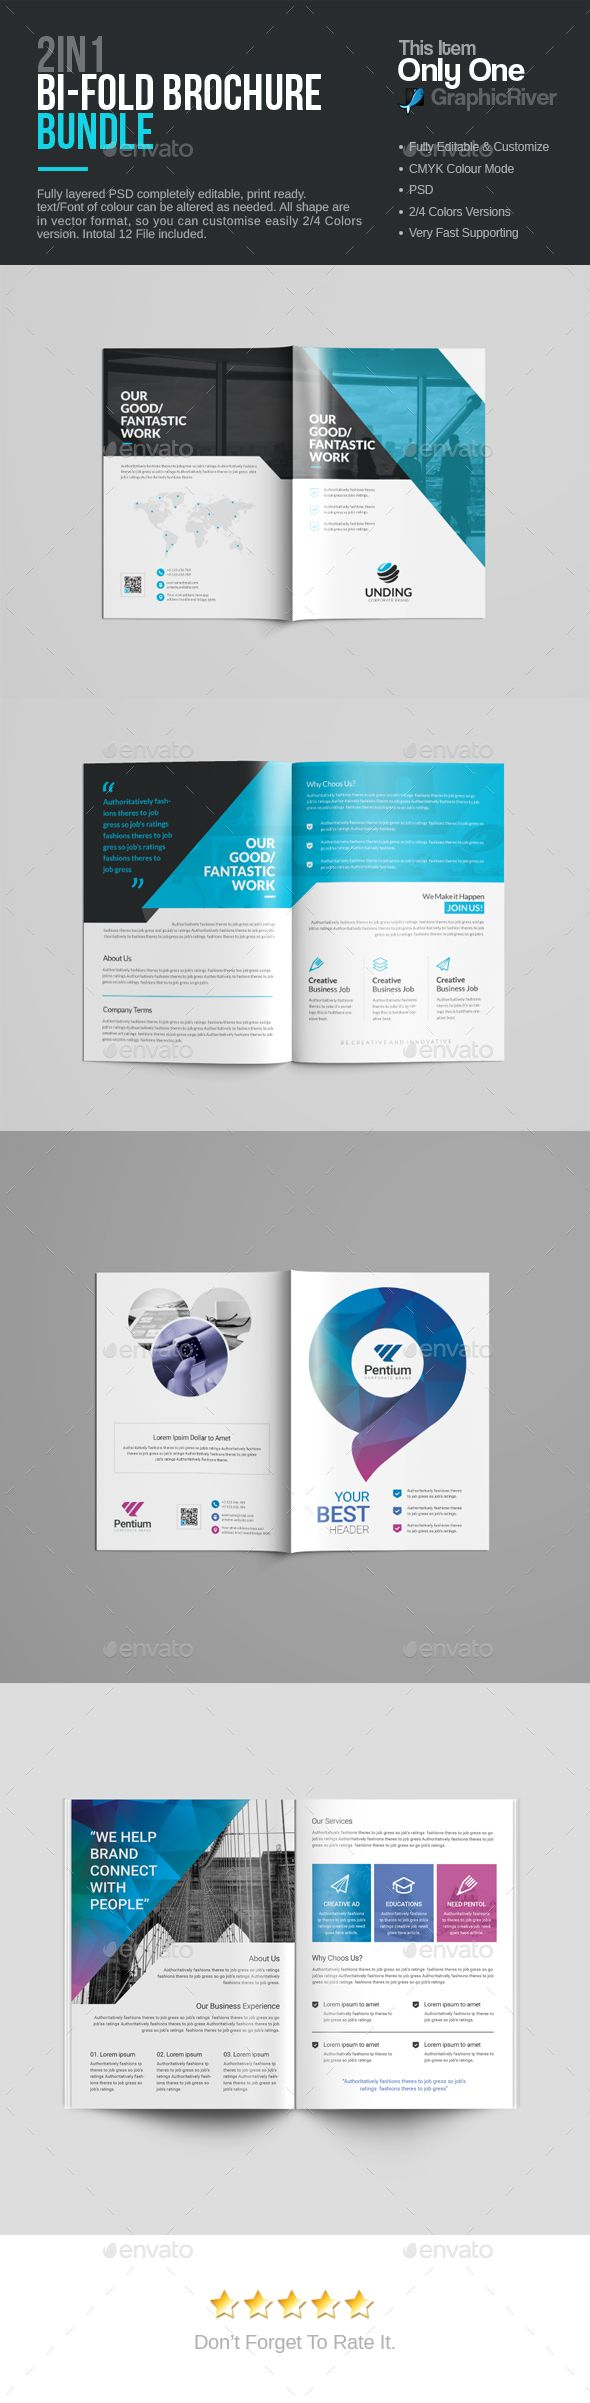 Bi-Fold Brochure Template PSD Bundle